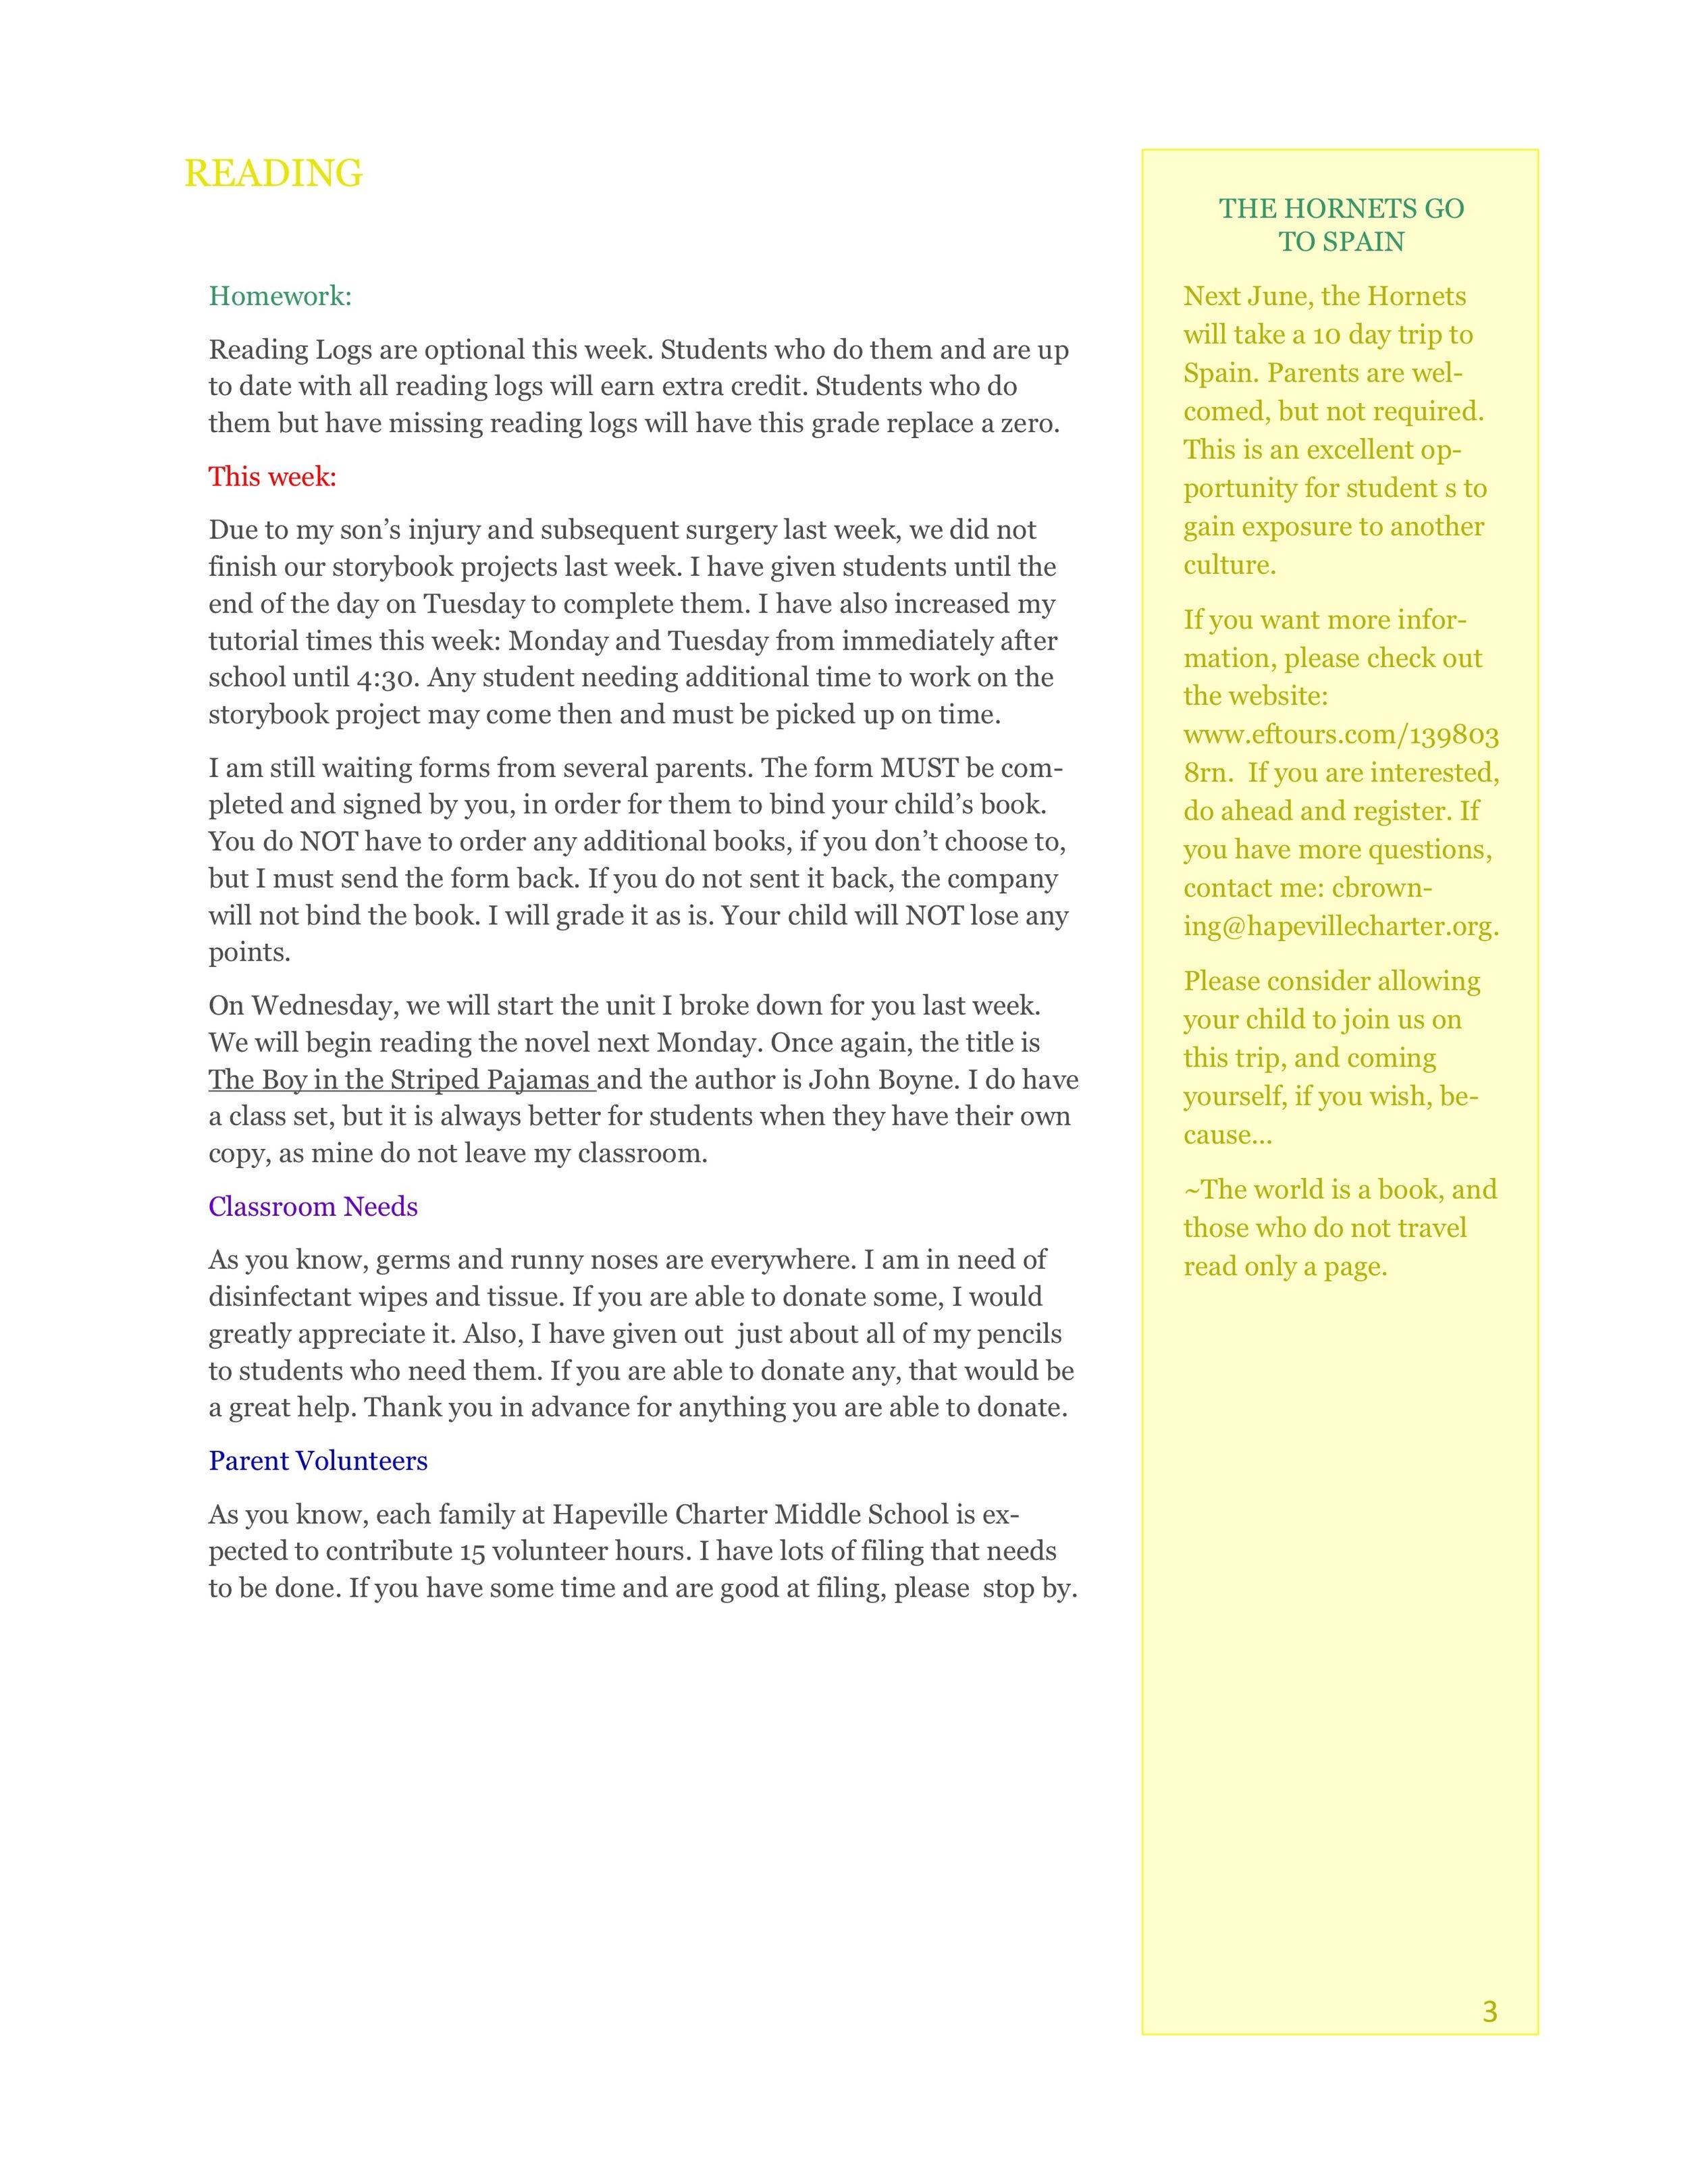 Newsletter ImageNovember 3-7 3.jpeg